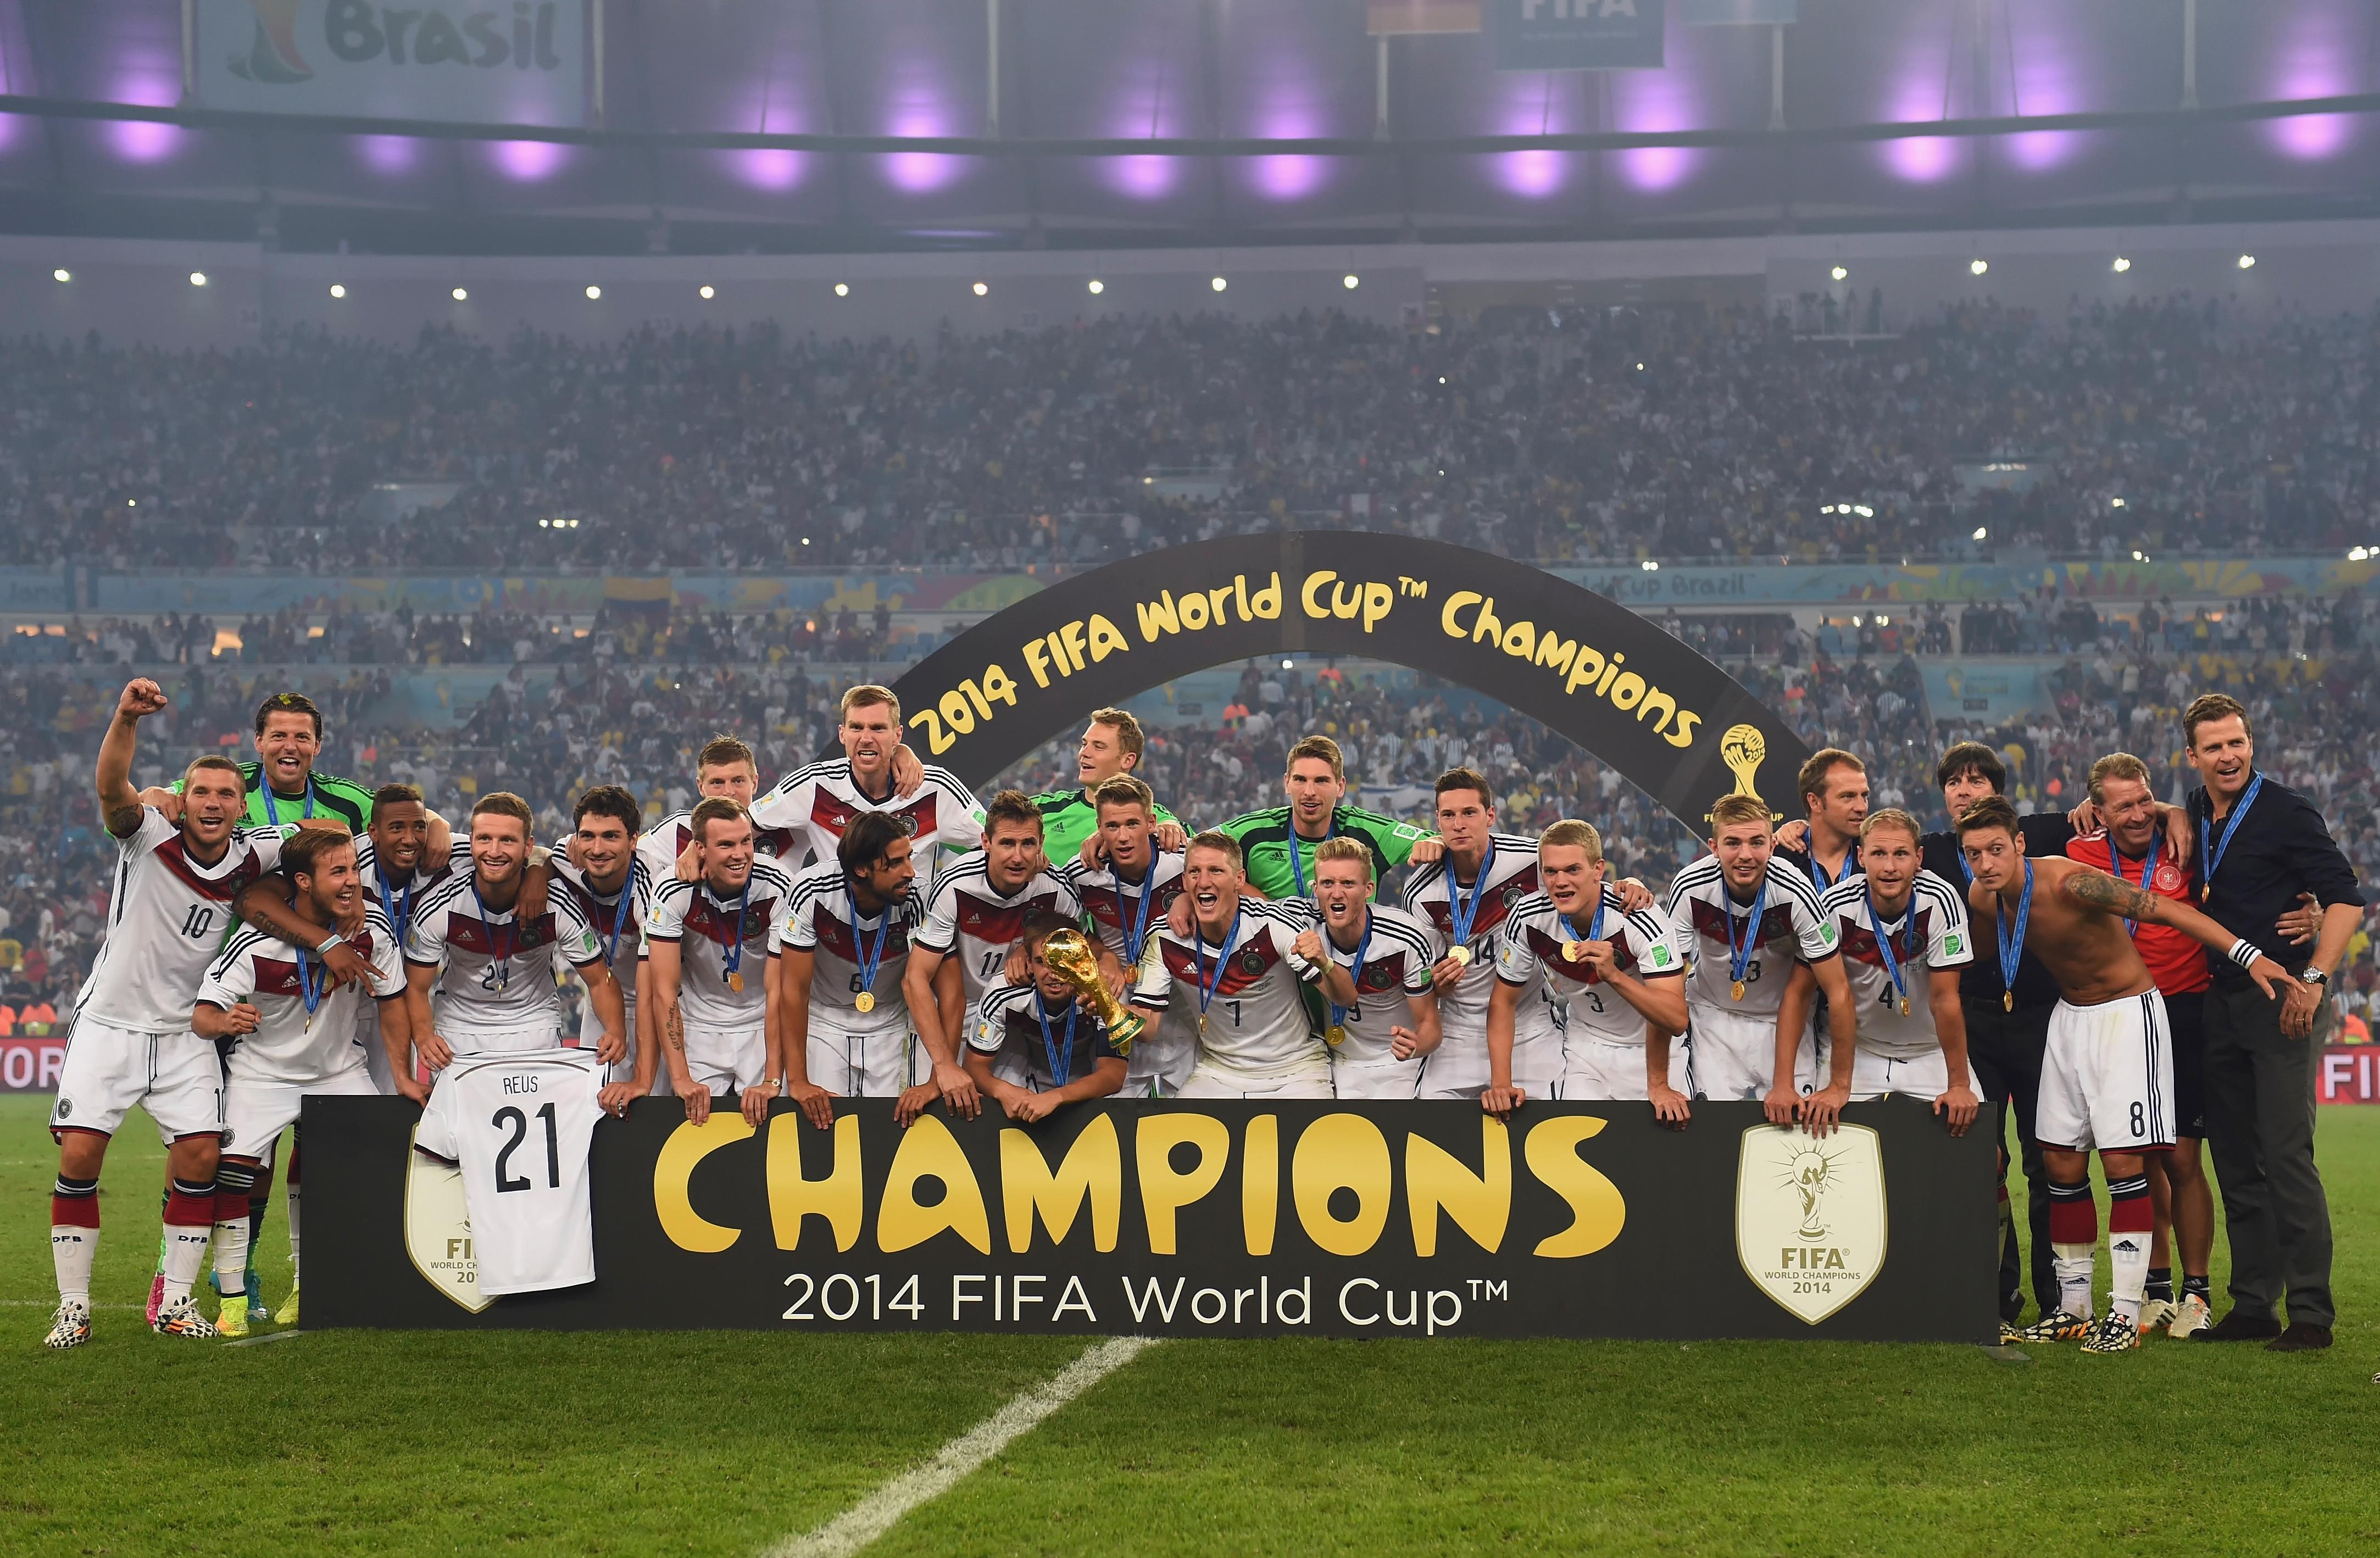 Image for Equipo campeón del torneo